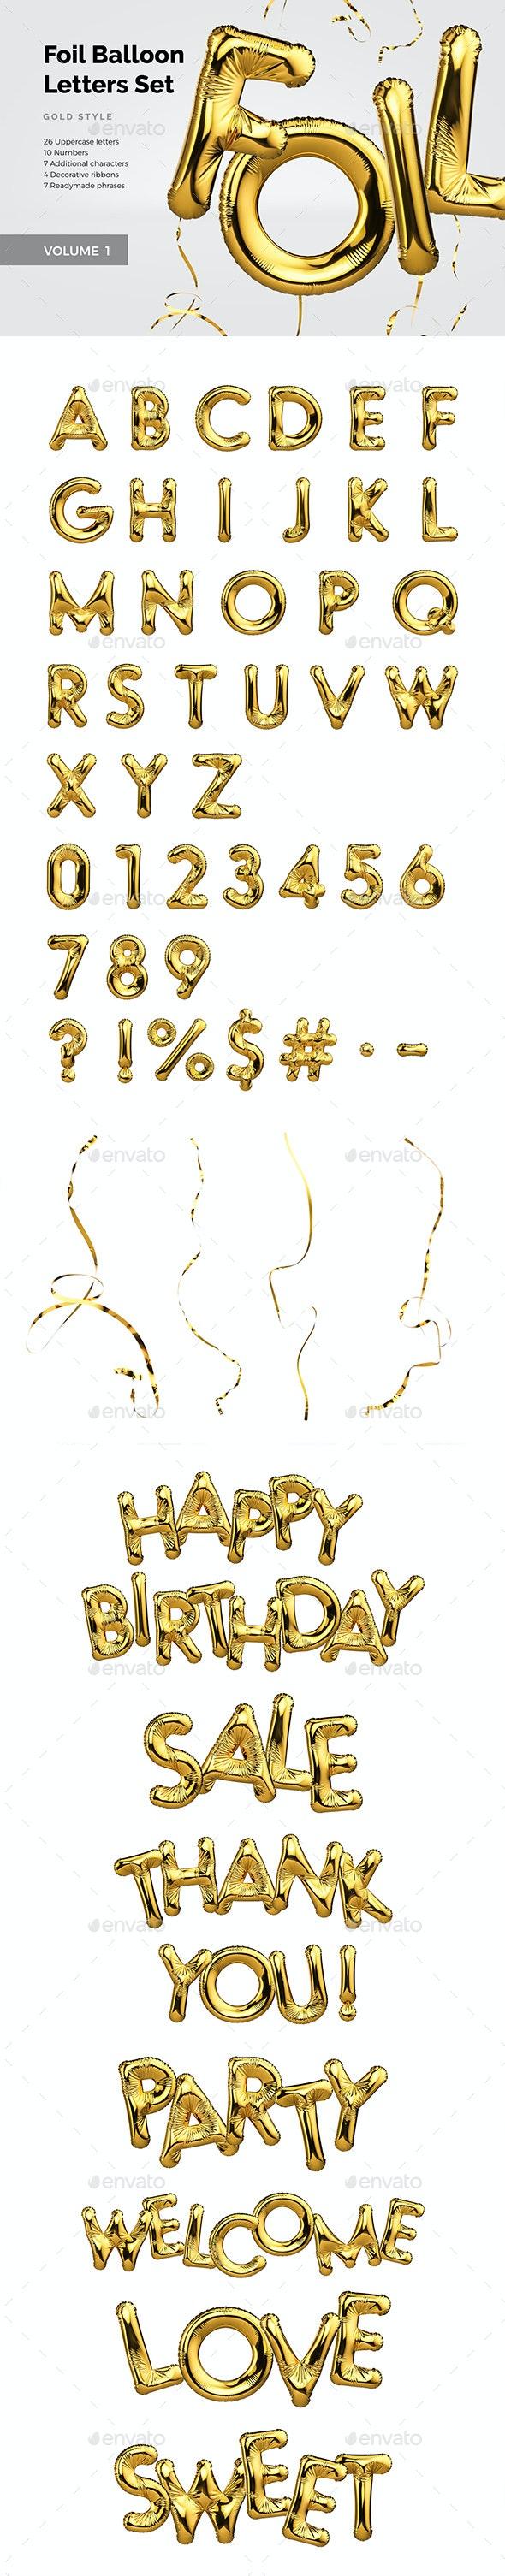 Foil Balloon Letters Set - Objects 3D Renders